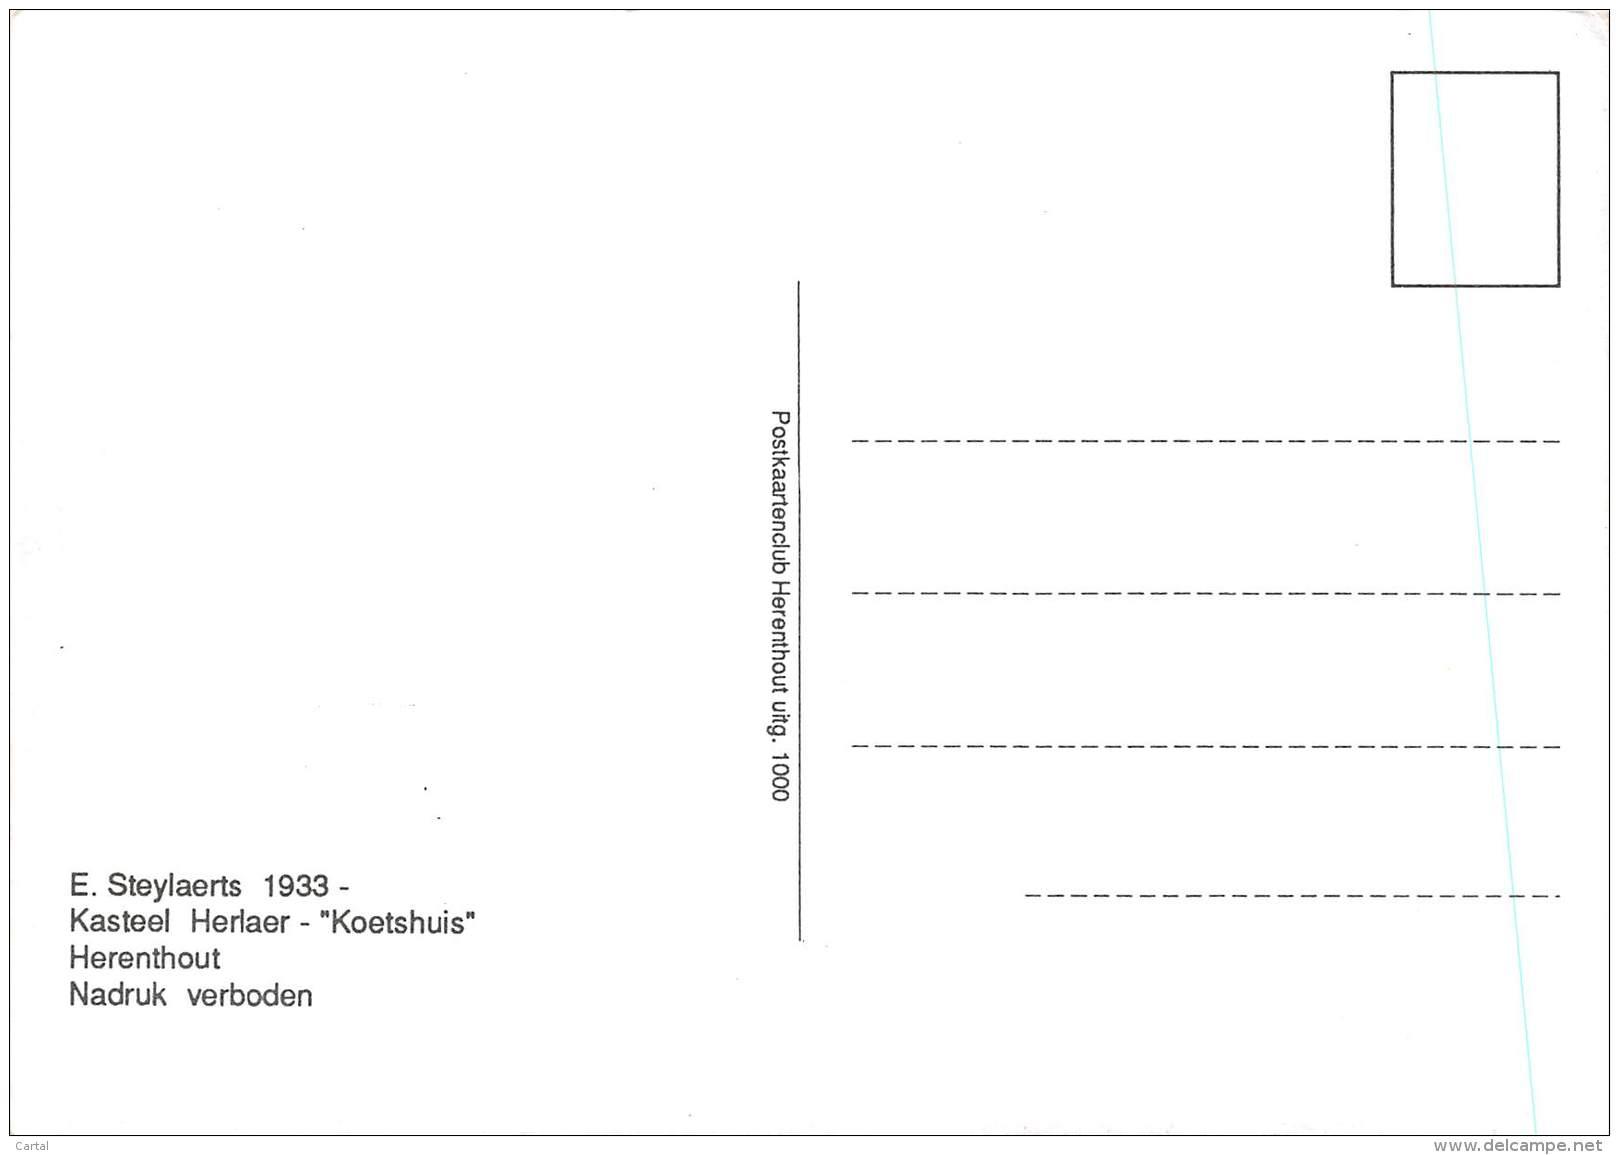 """CPM - HERENTHOUT - Kasteel Herlaer - """"Koetshuis"""" - E. Steylaerts 1933 - Herenthout"""